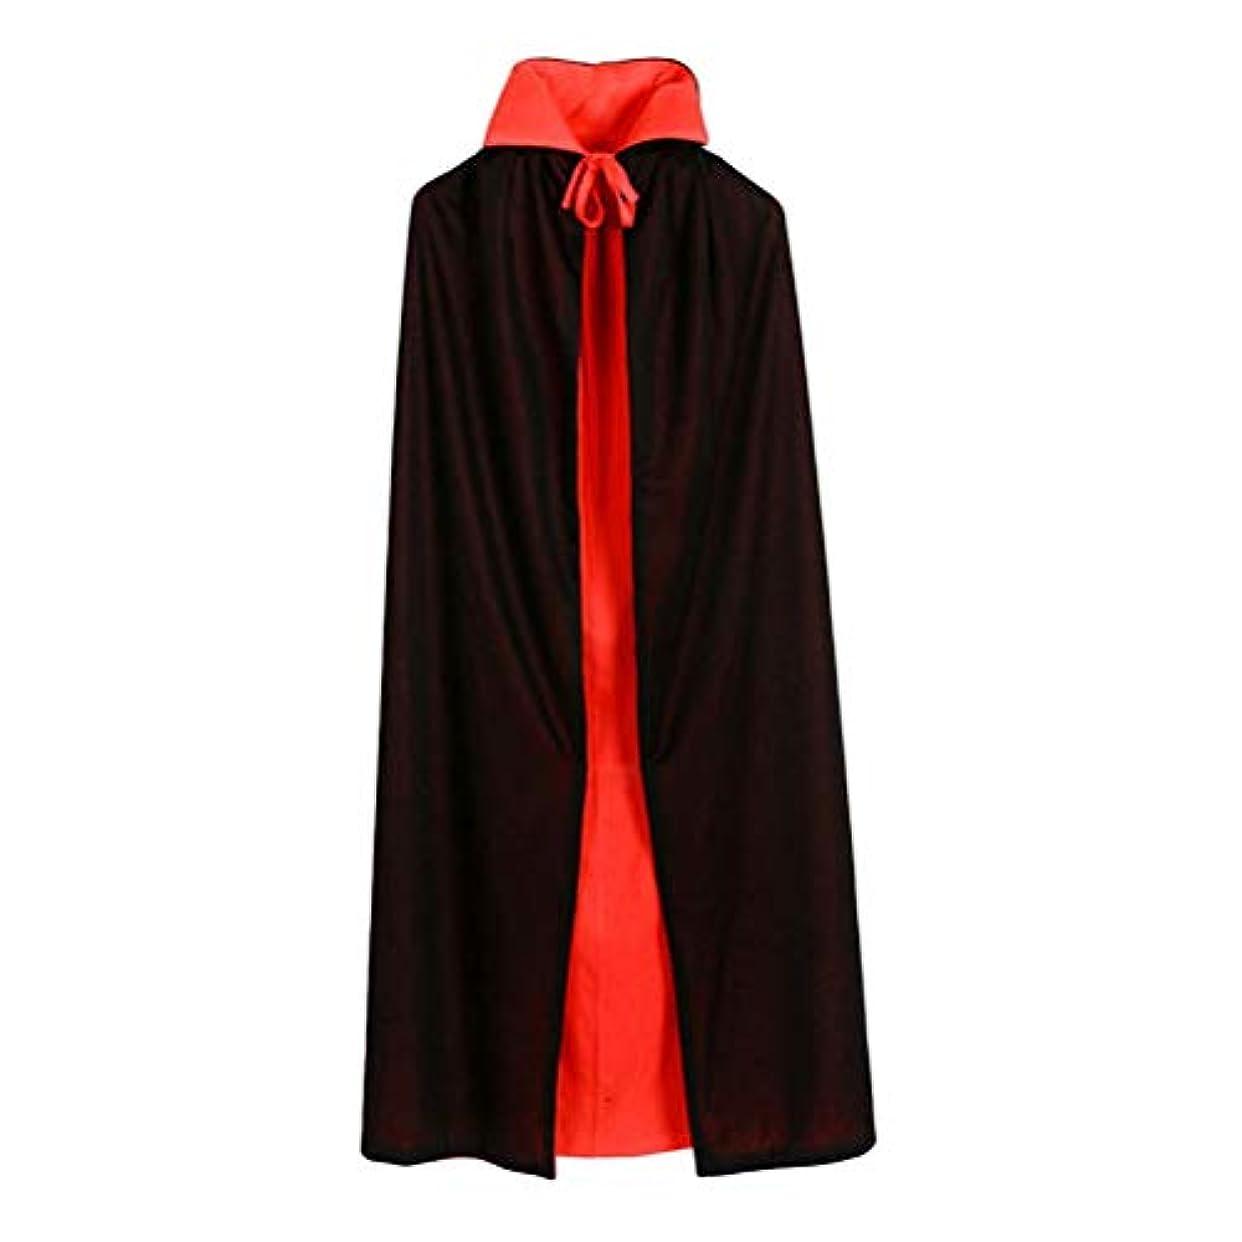 インストラクター囲む粘着性Toyvian ヴァンパイアマント二重層黒と赤のフード付きマントヴァンパイアコスチュームコスプレケープは男の子と女の子のためにドレスアップ(90cmストレートカラーダブルマント)